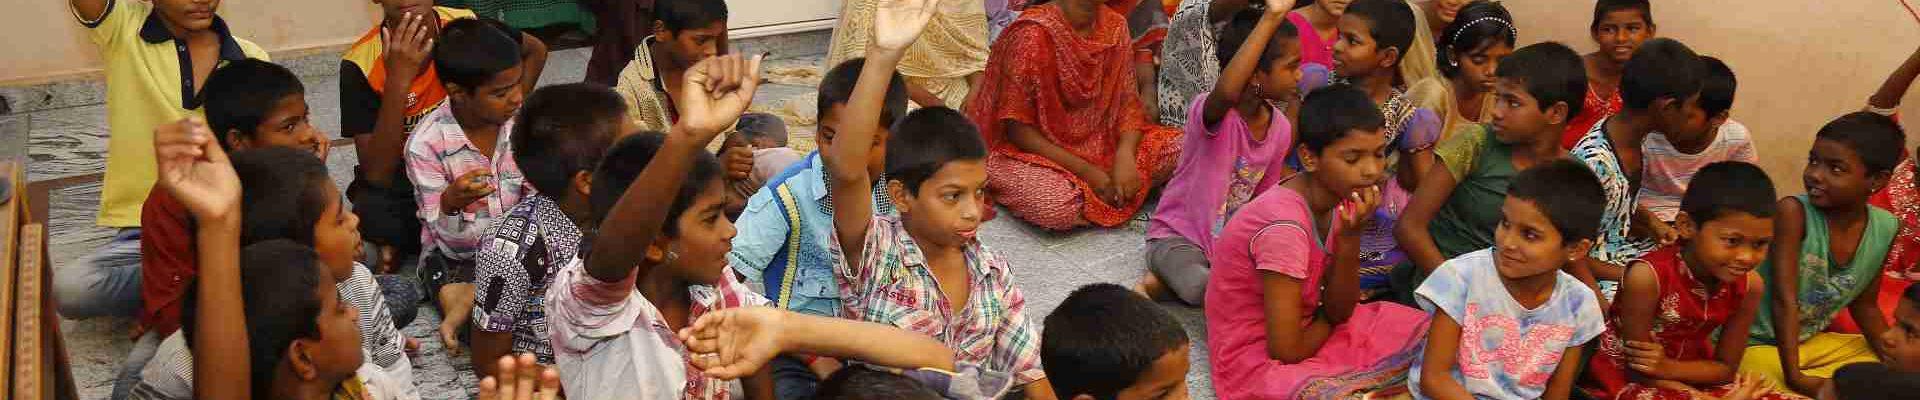 JoyHome Orphanage